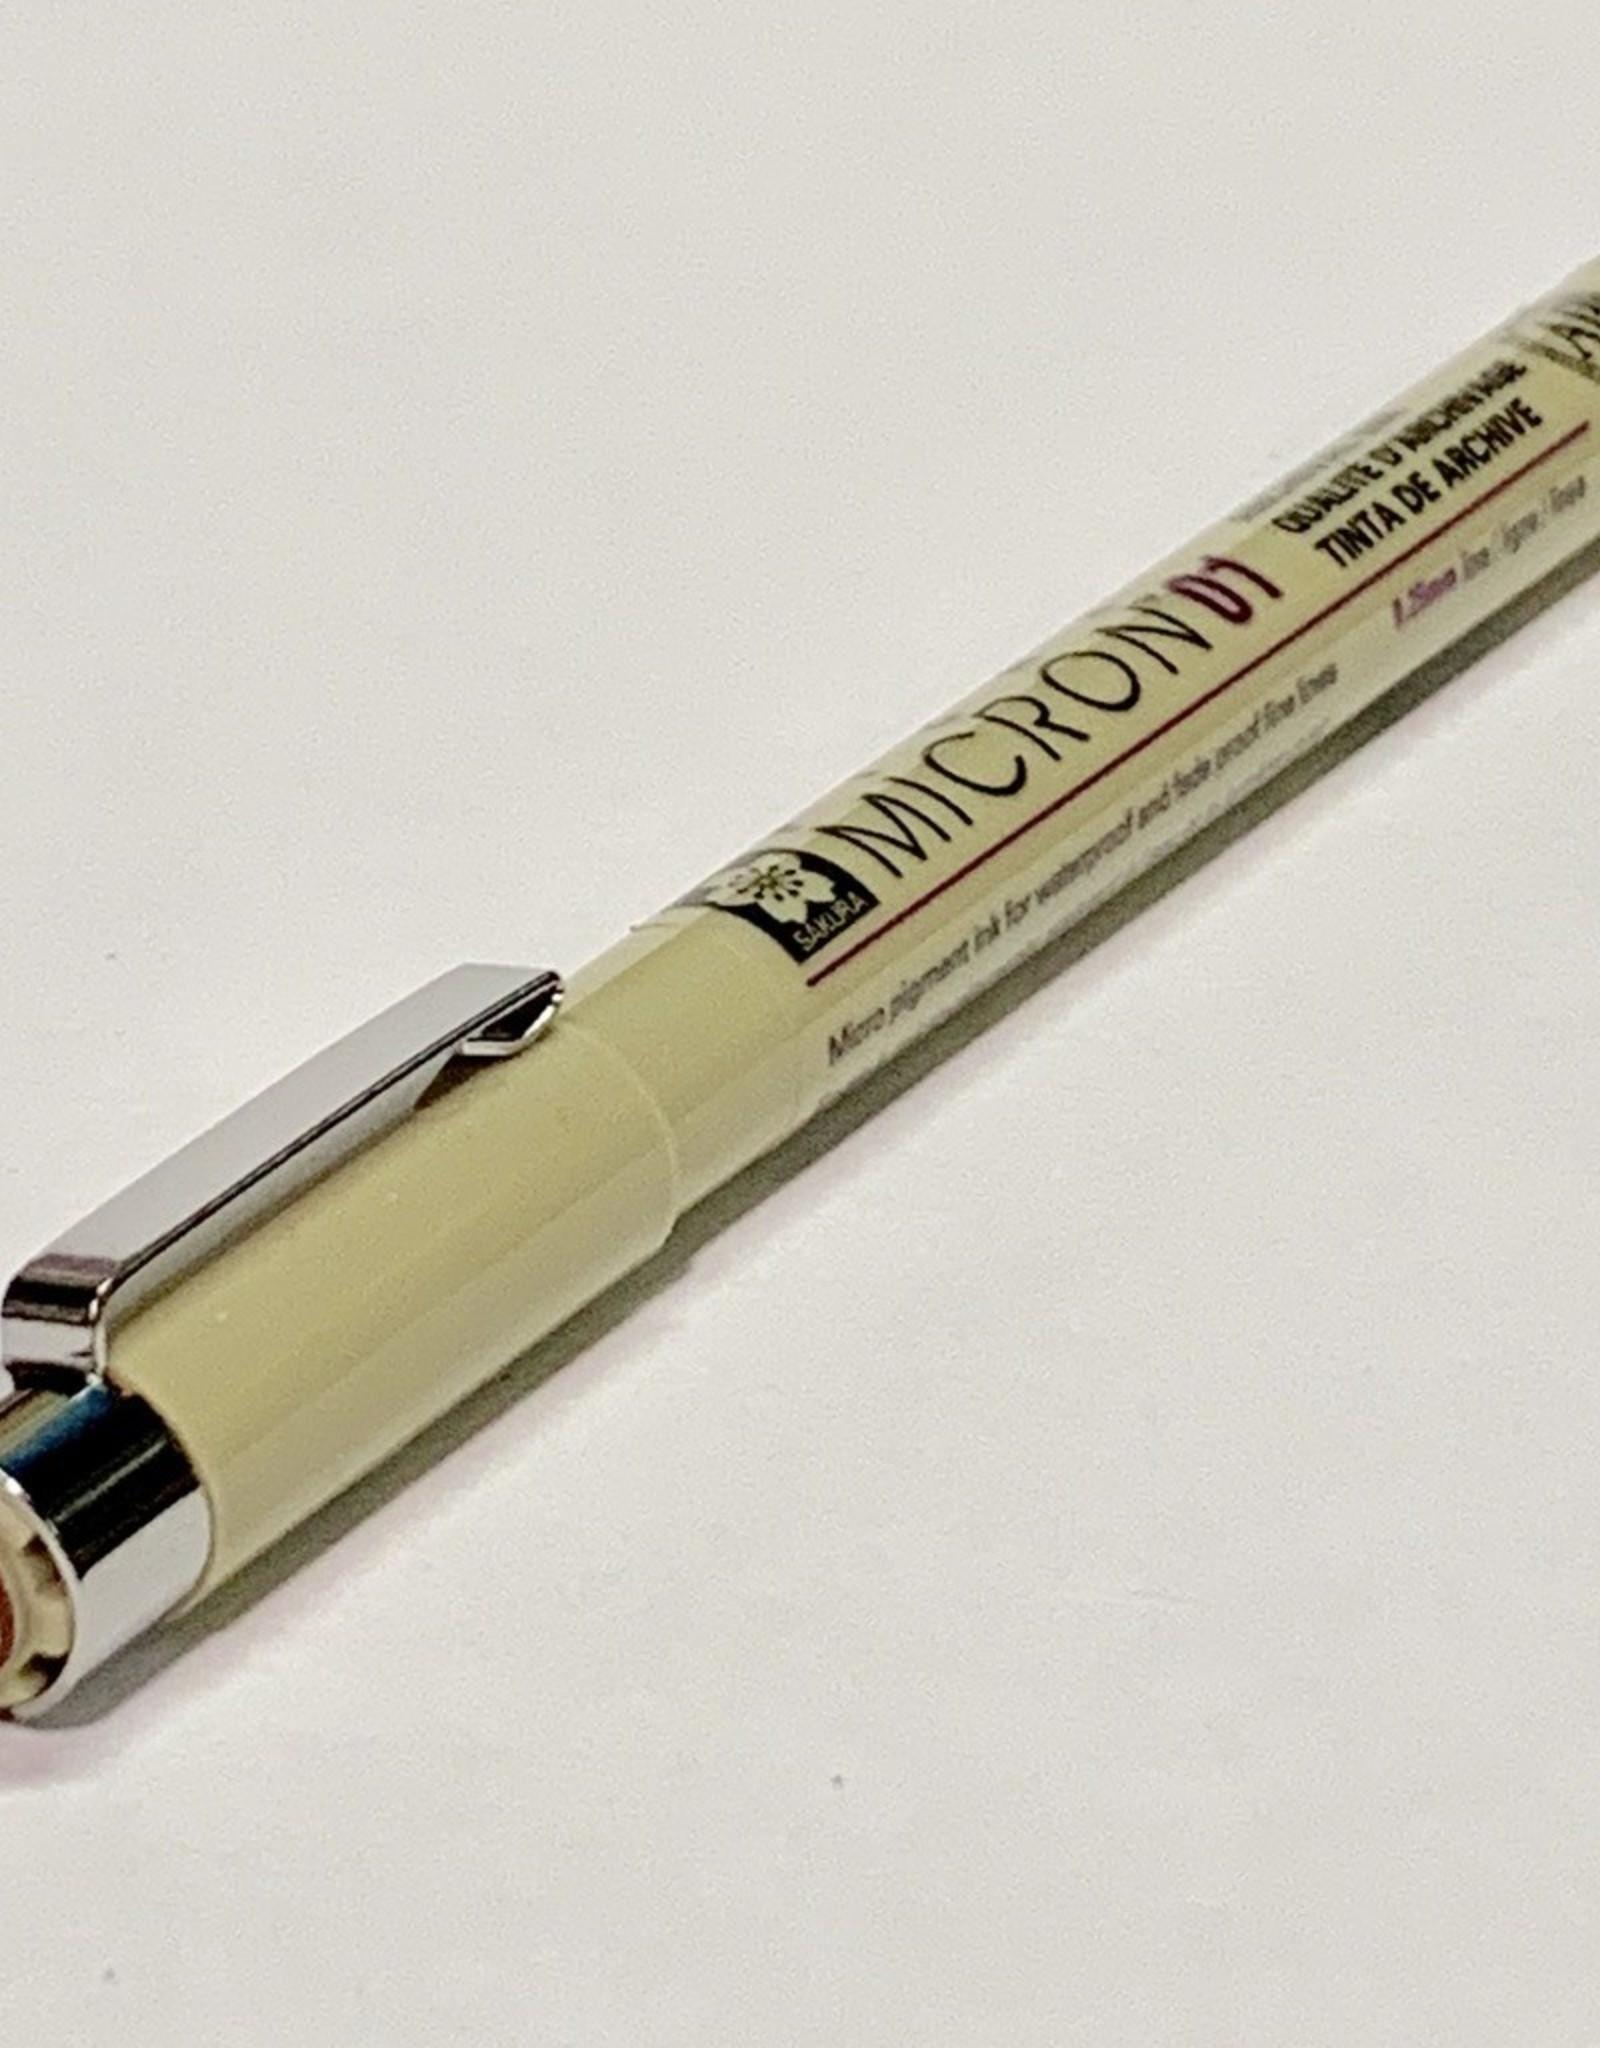 Sakura Micron Brown Pen 01 .25mm